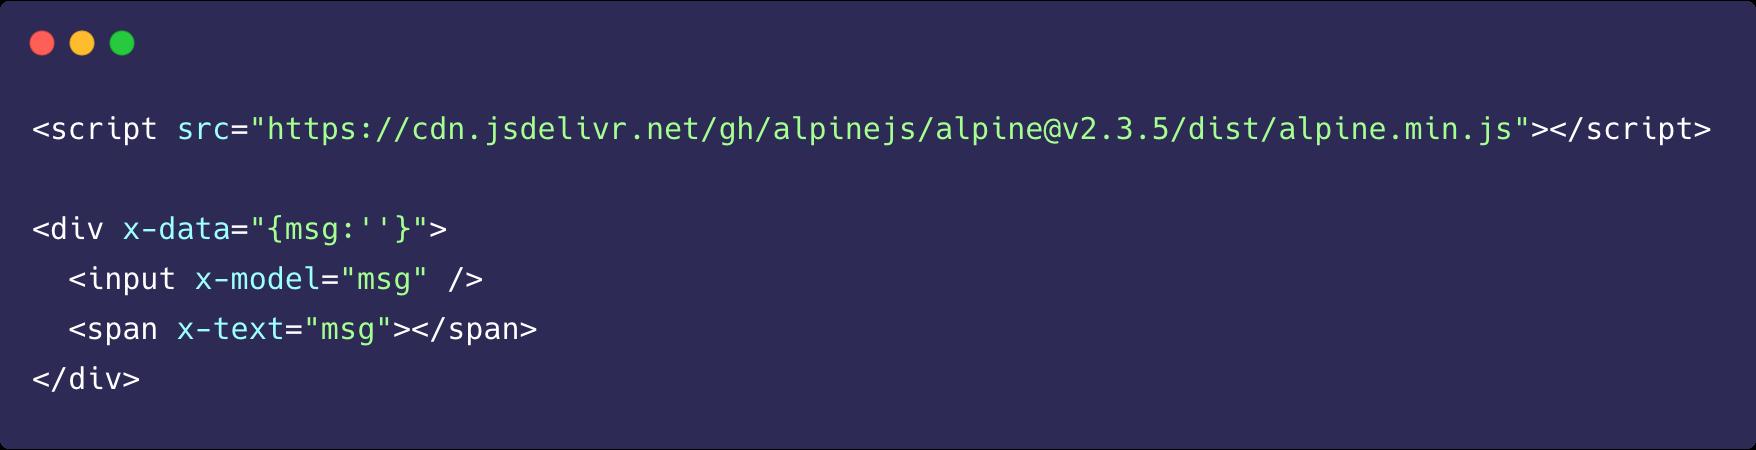 Alpinejs ile reaktif bir input elemanının kodlanması